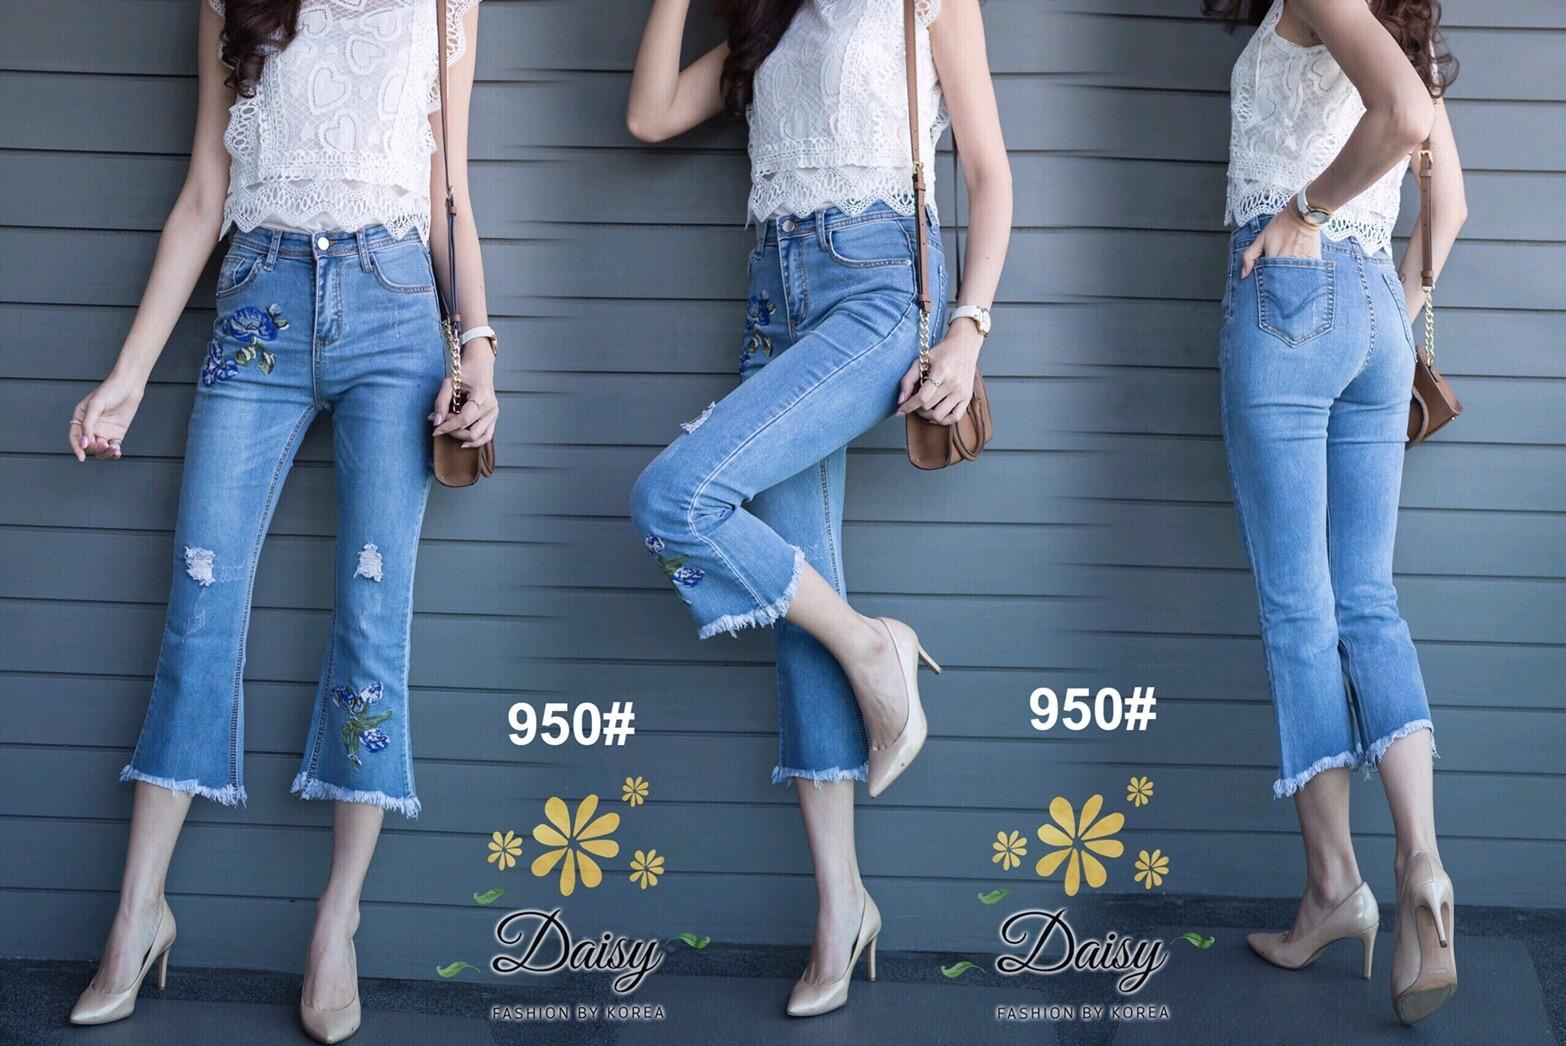 กางเกงยีนส์ทรงเดฟ ผ้ายีนส์ฮ่องกง รุ่นขายาวห้าส่วนผลิตมาไซส์ใหญ่ ให้คนสะโพกใหญ่ที่หายีนส์สวยๆใส่ยากค่ะ